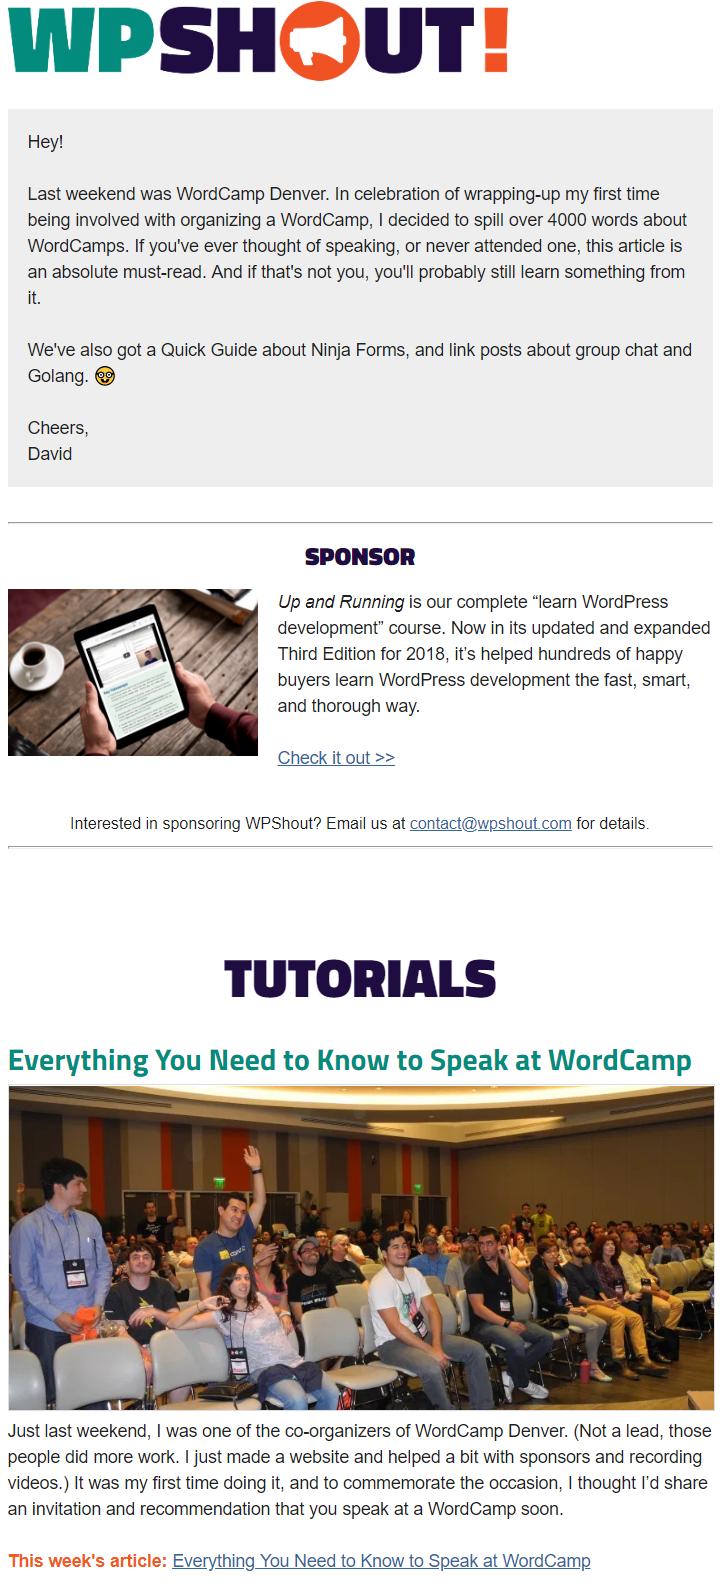 wpshout sponsorship newsletter spot